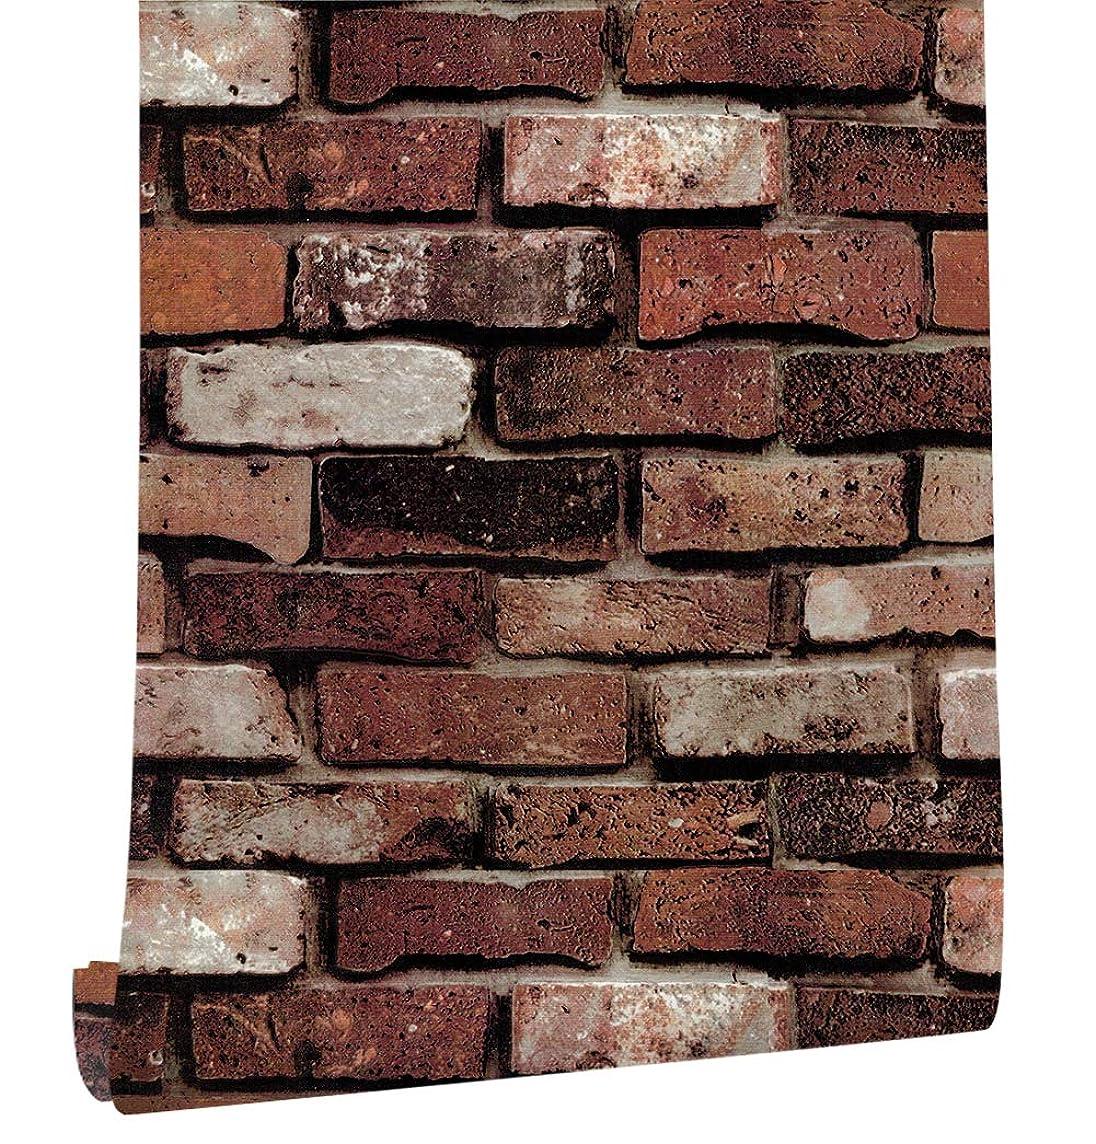 食事を調理する古代スティーブンソン620501 レンガの厚い壁紙0.45mX6mタイル れんが 煉瓦 壁のステッカー赤/茶色の かんたん貼付シールタイプ はがせる 壁の装飾